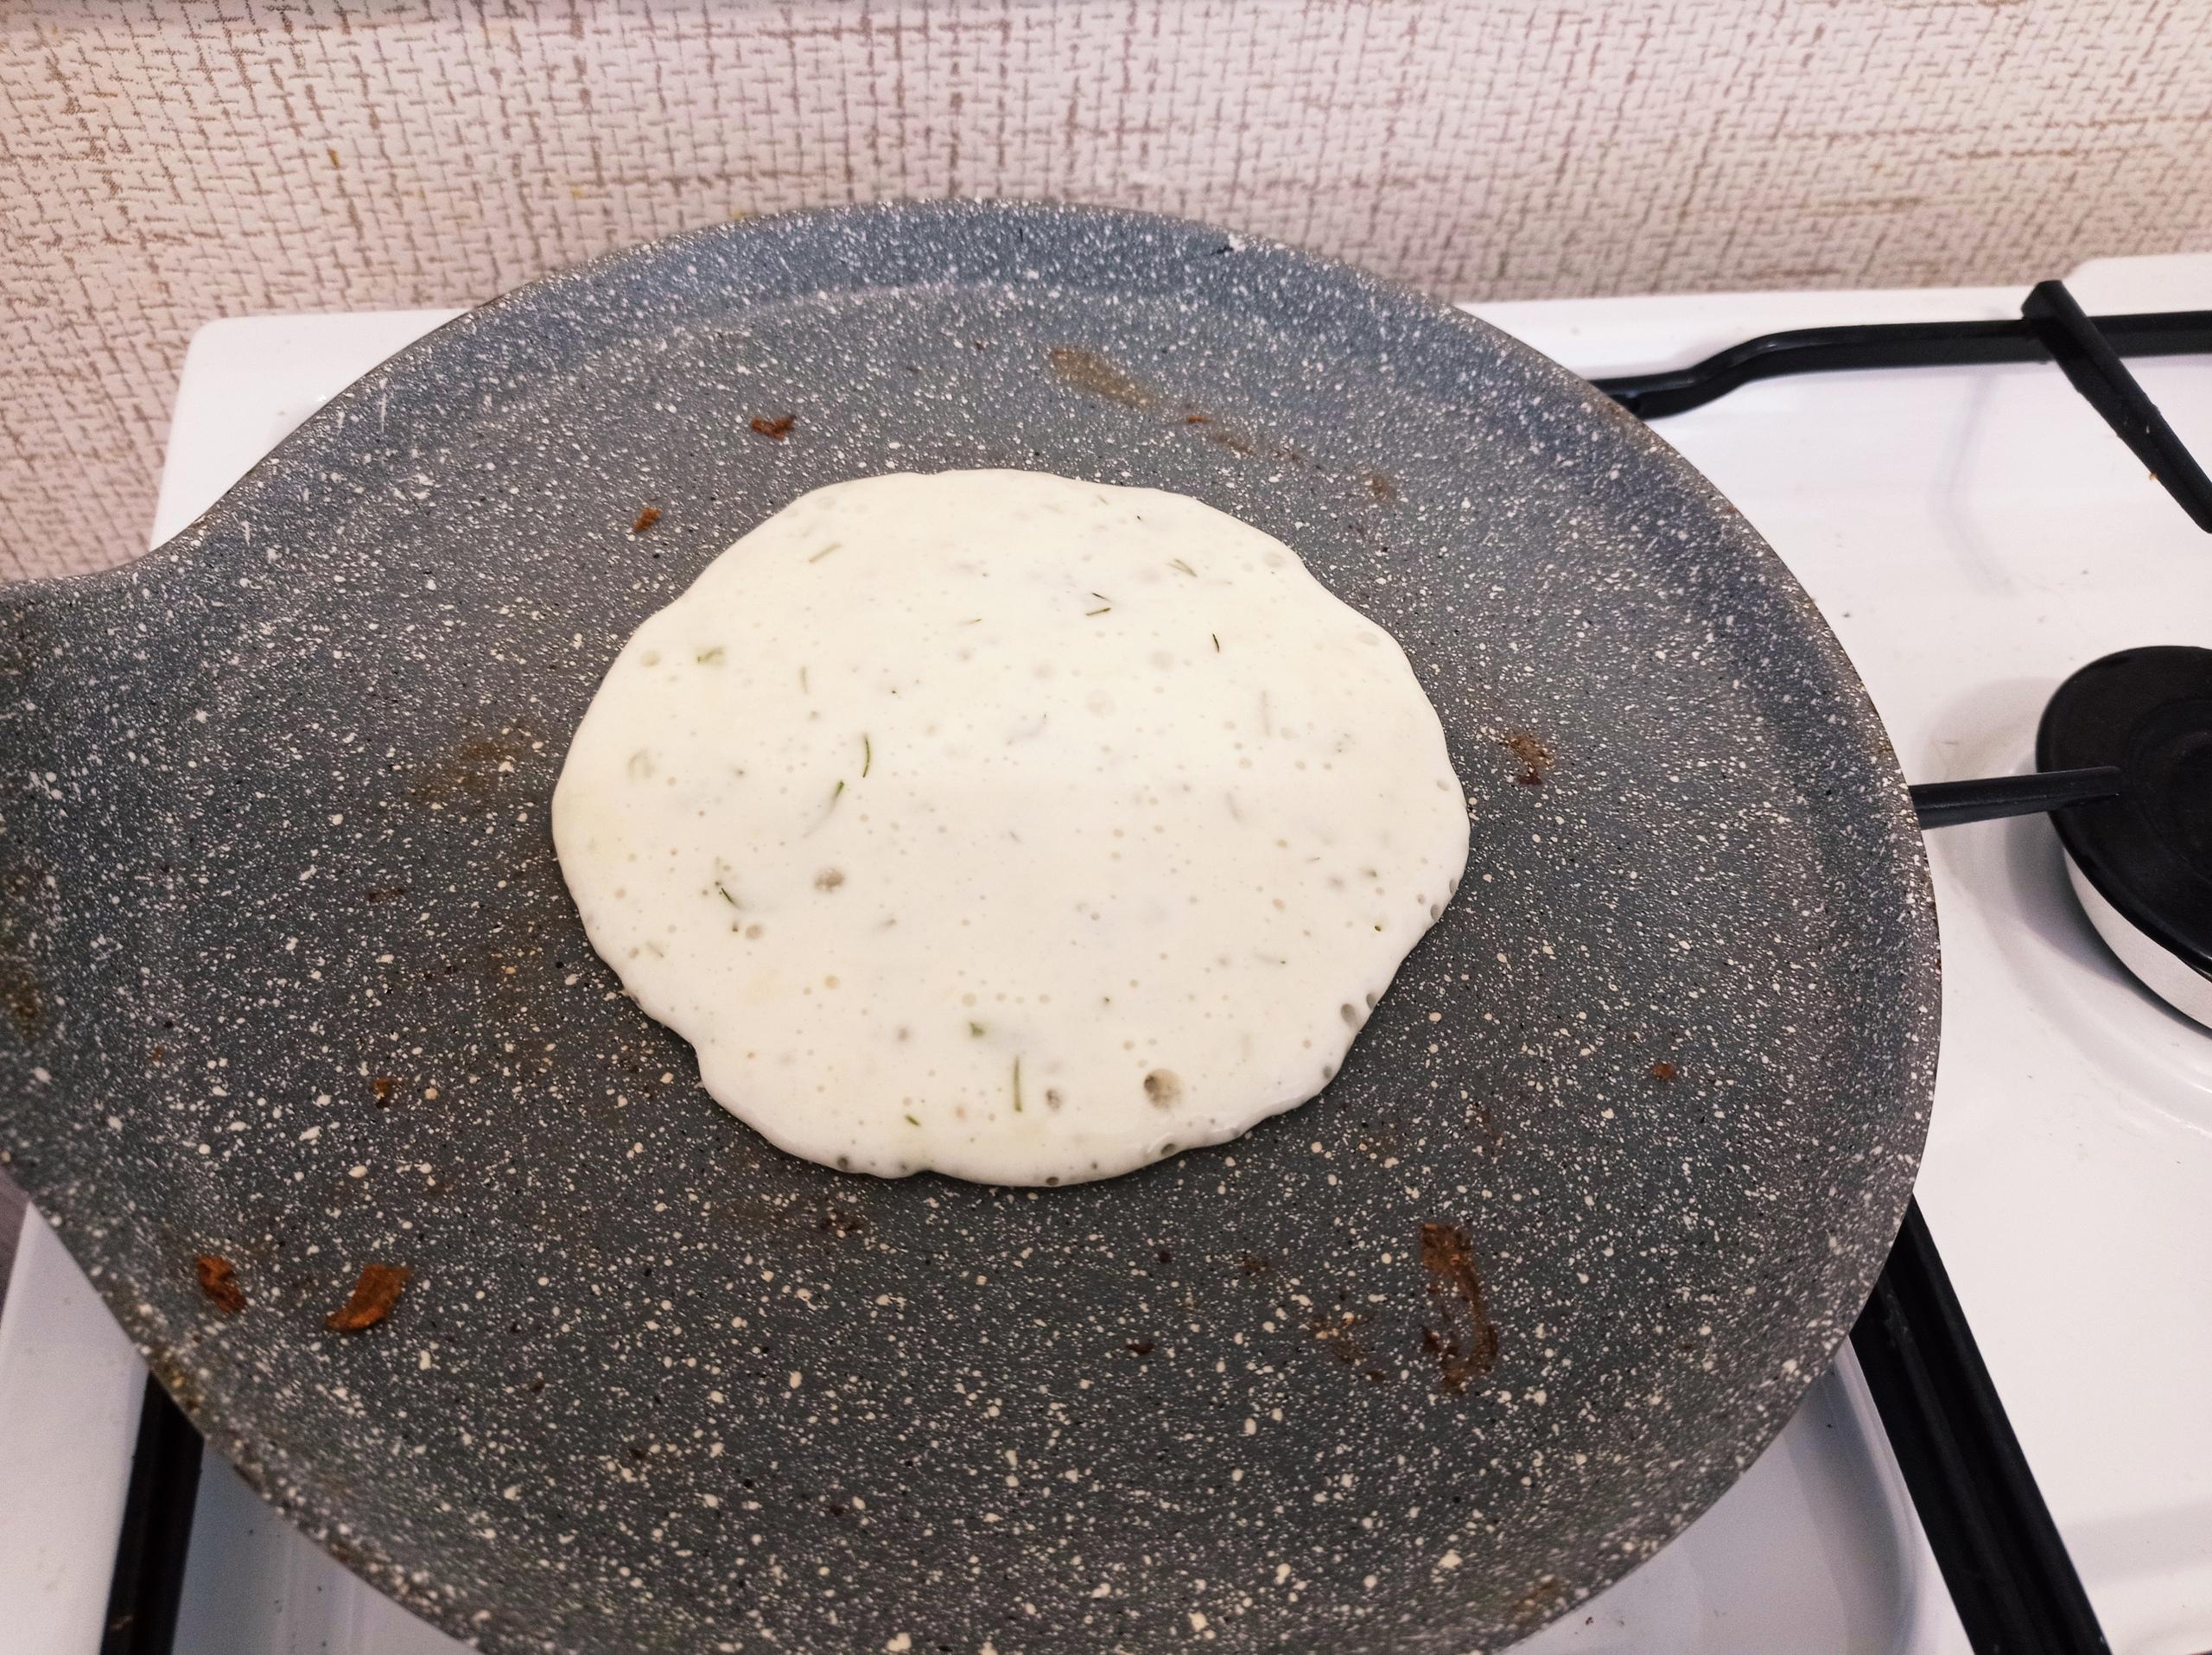 Оладьи с начинкой из сыра и колбасы — простой и сытный завтрак за 20 минут